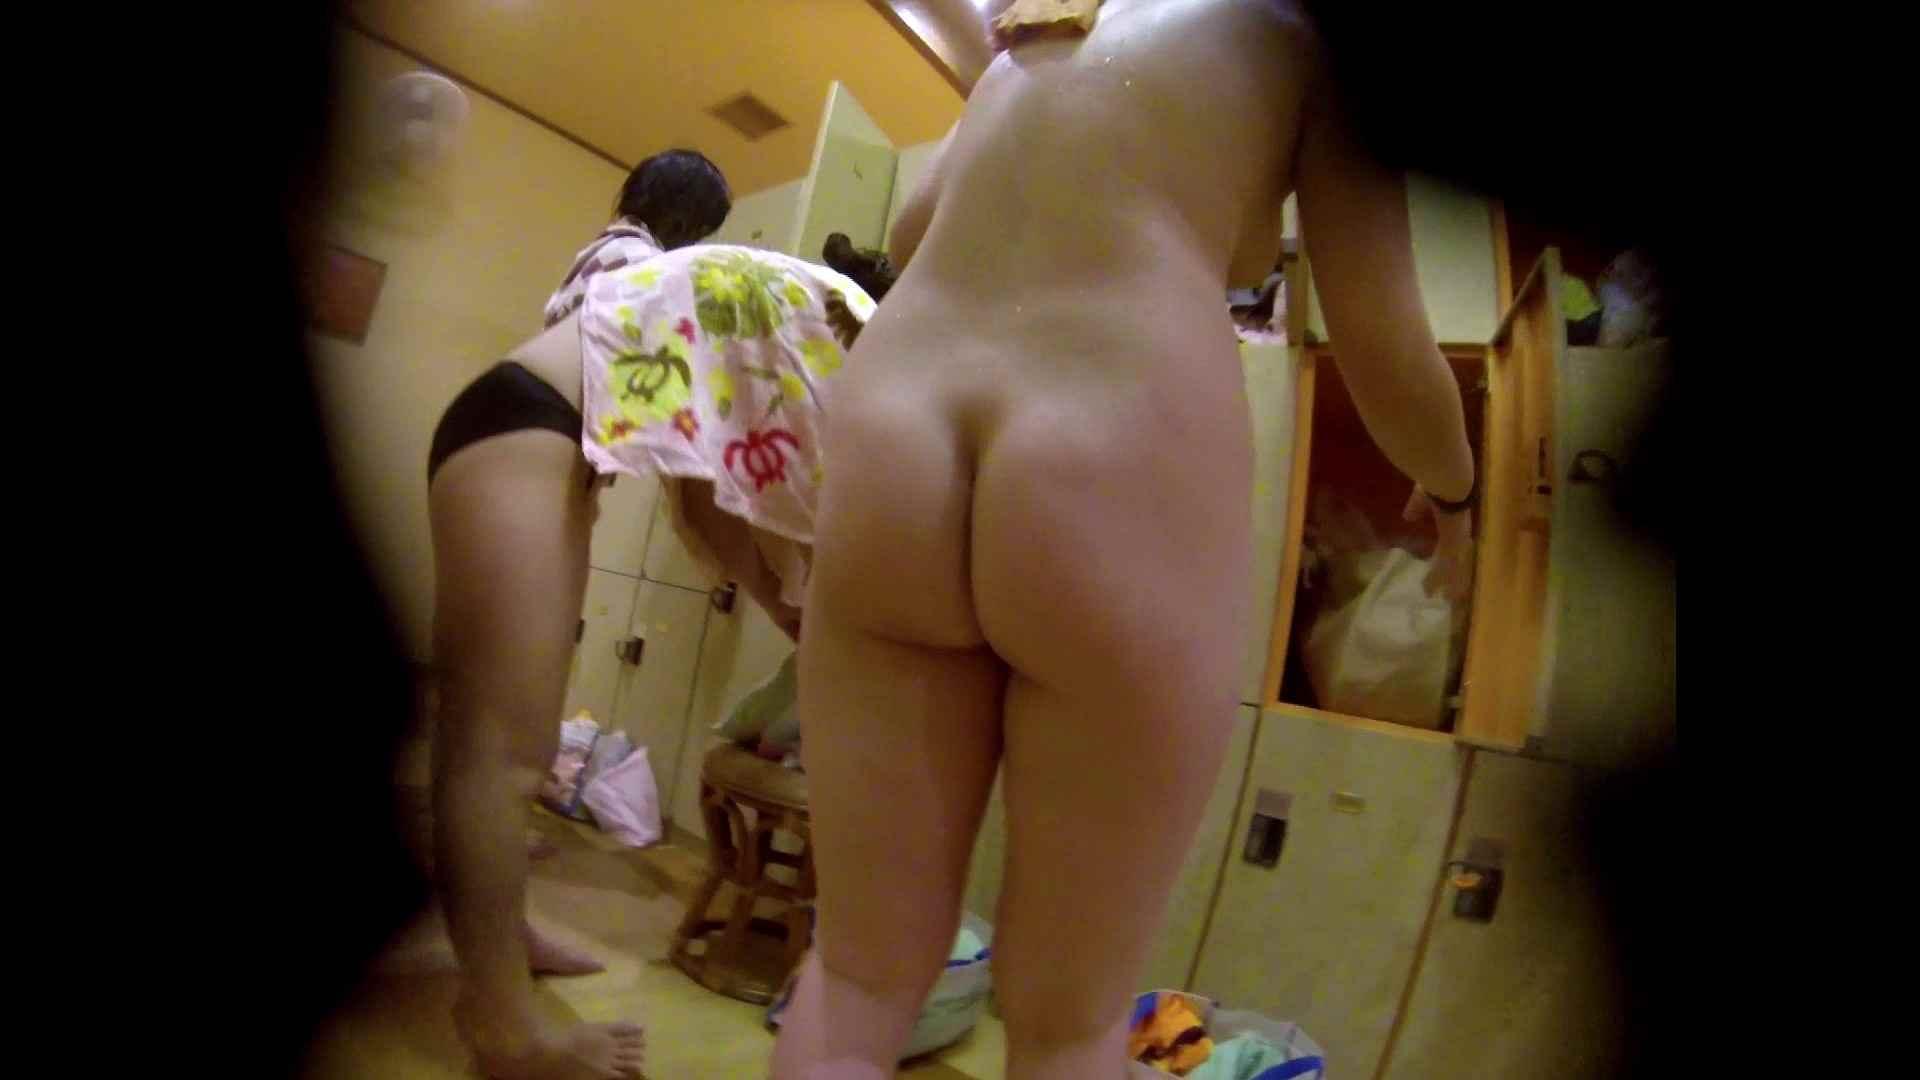 追い撮り!脱衣~洗い場、徹底追跡!撮り師さんに拍手!! 潜入 | 追跡  20pic 13